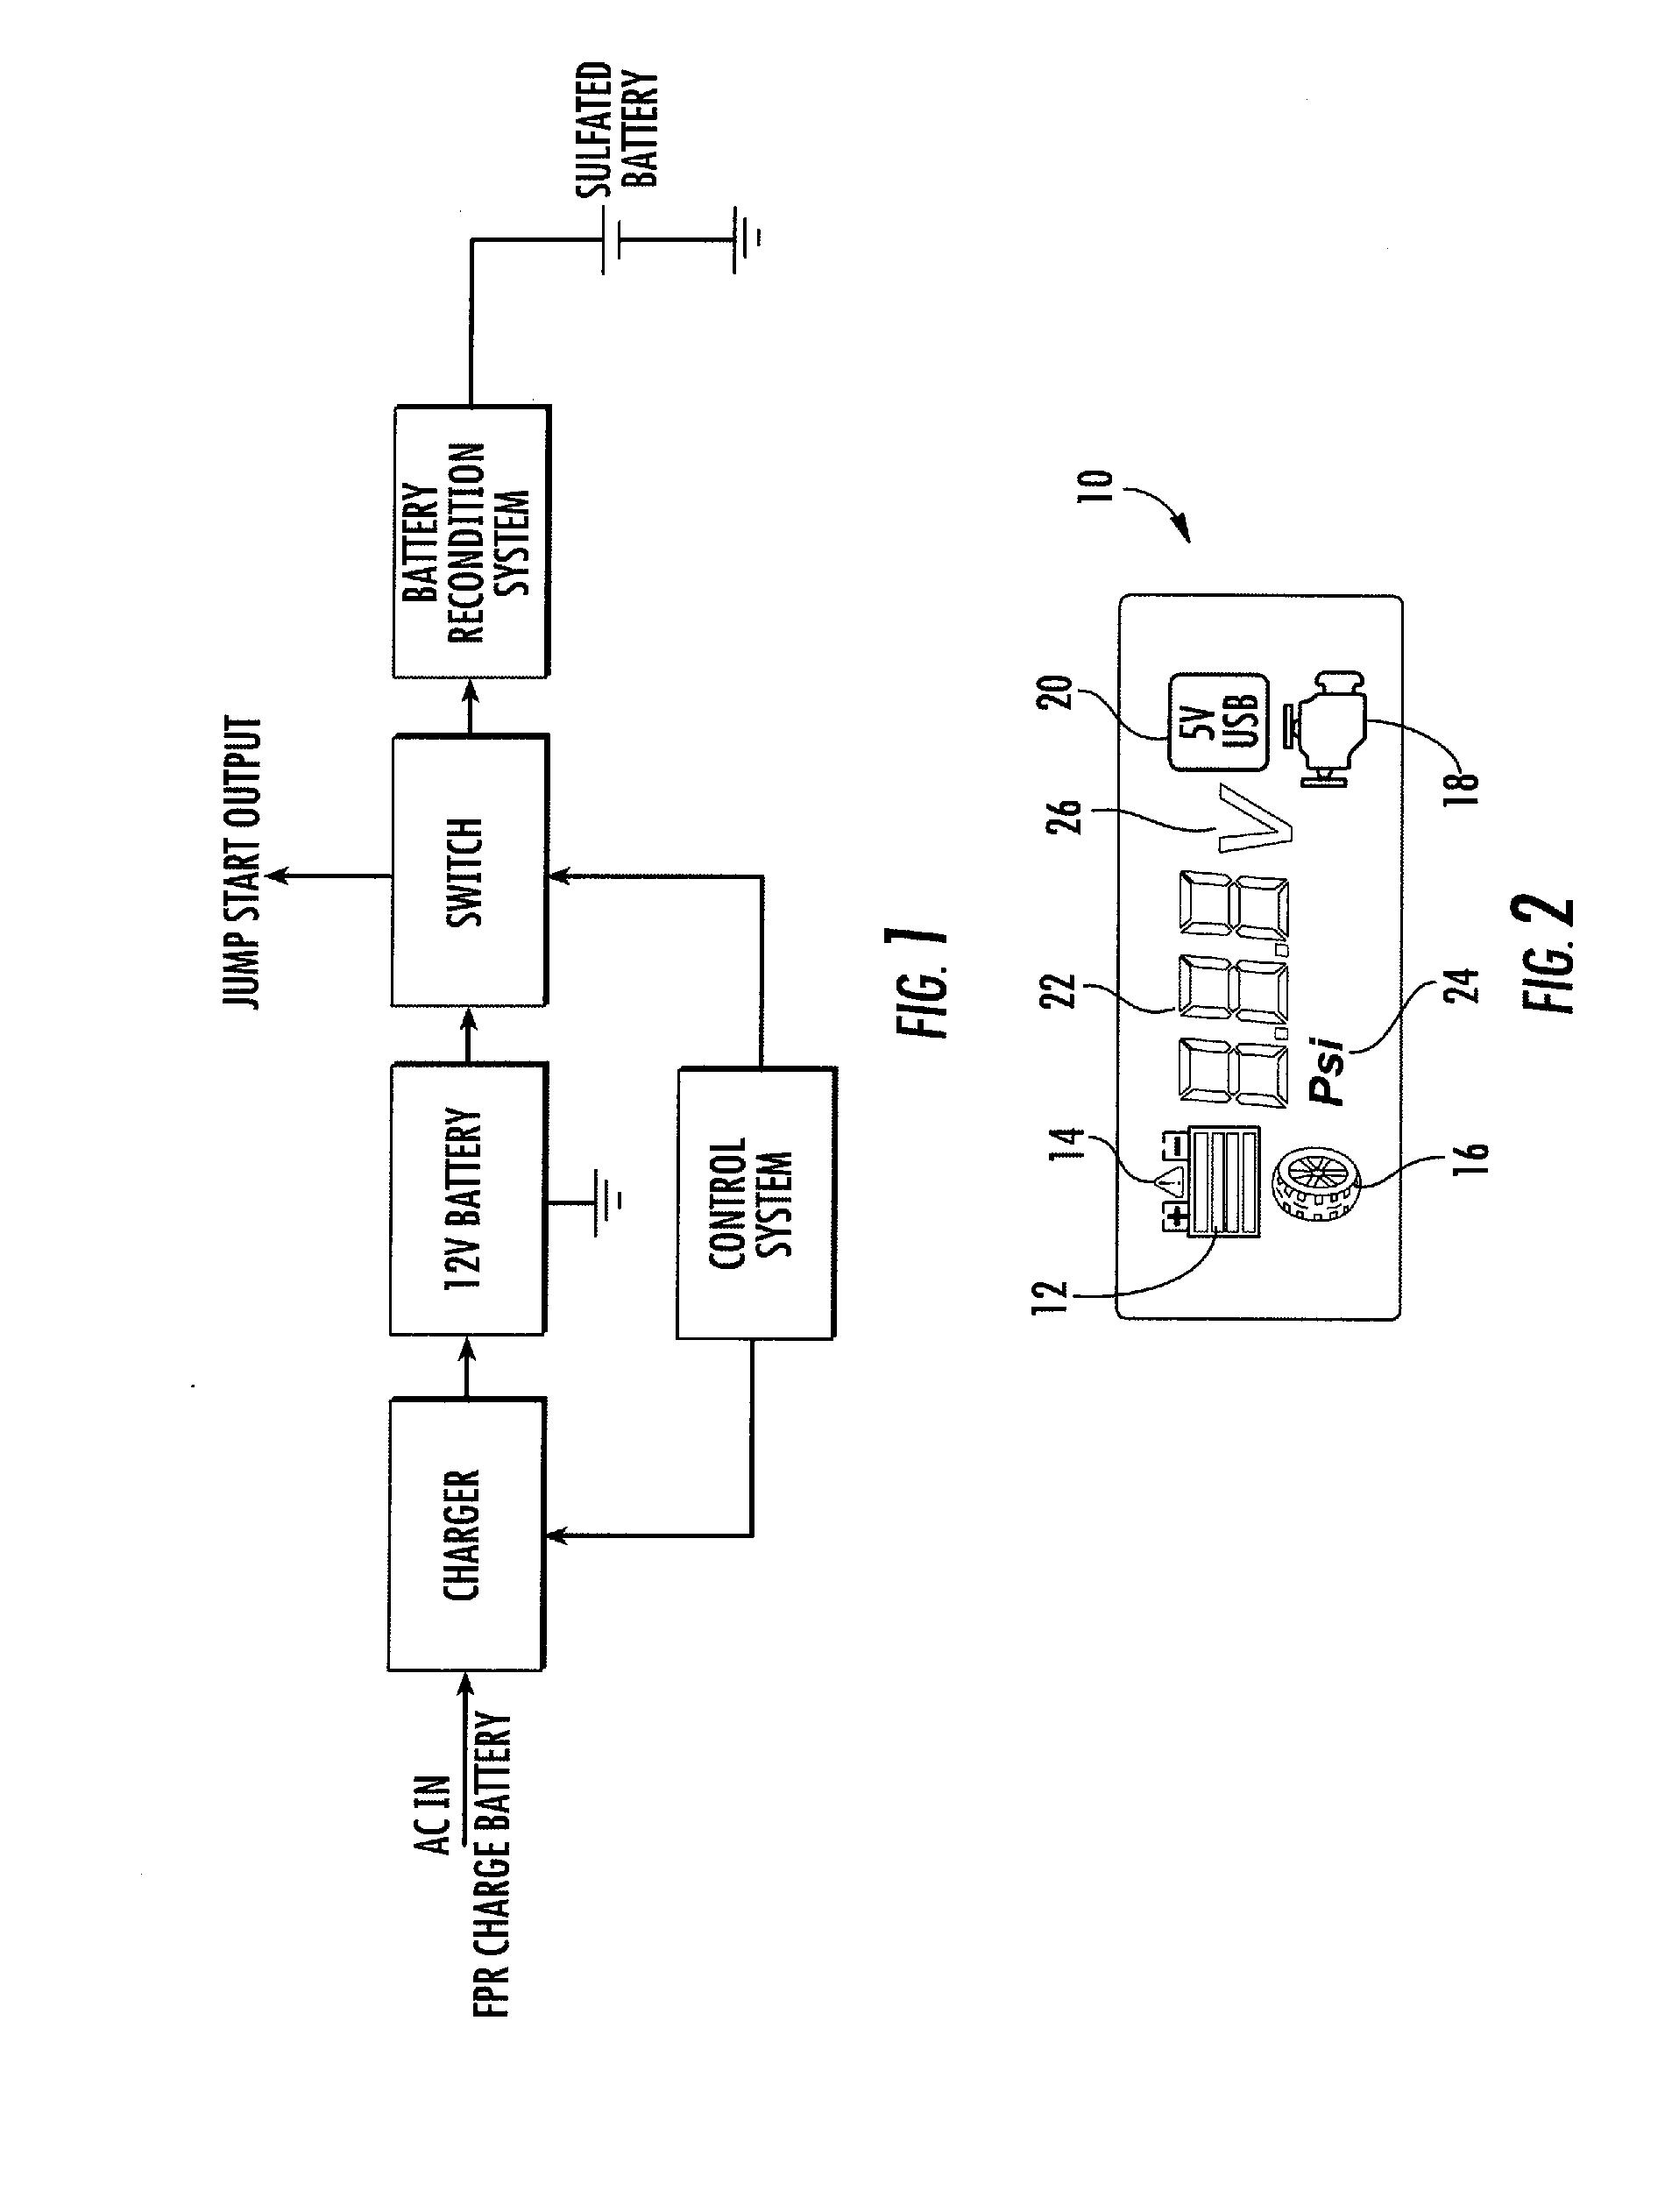 patent us20100301800